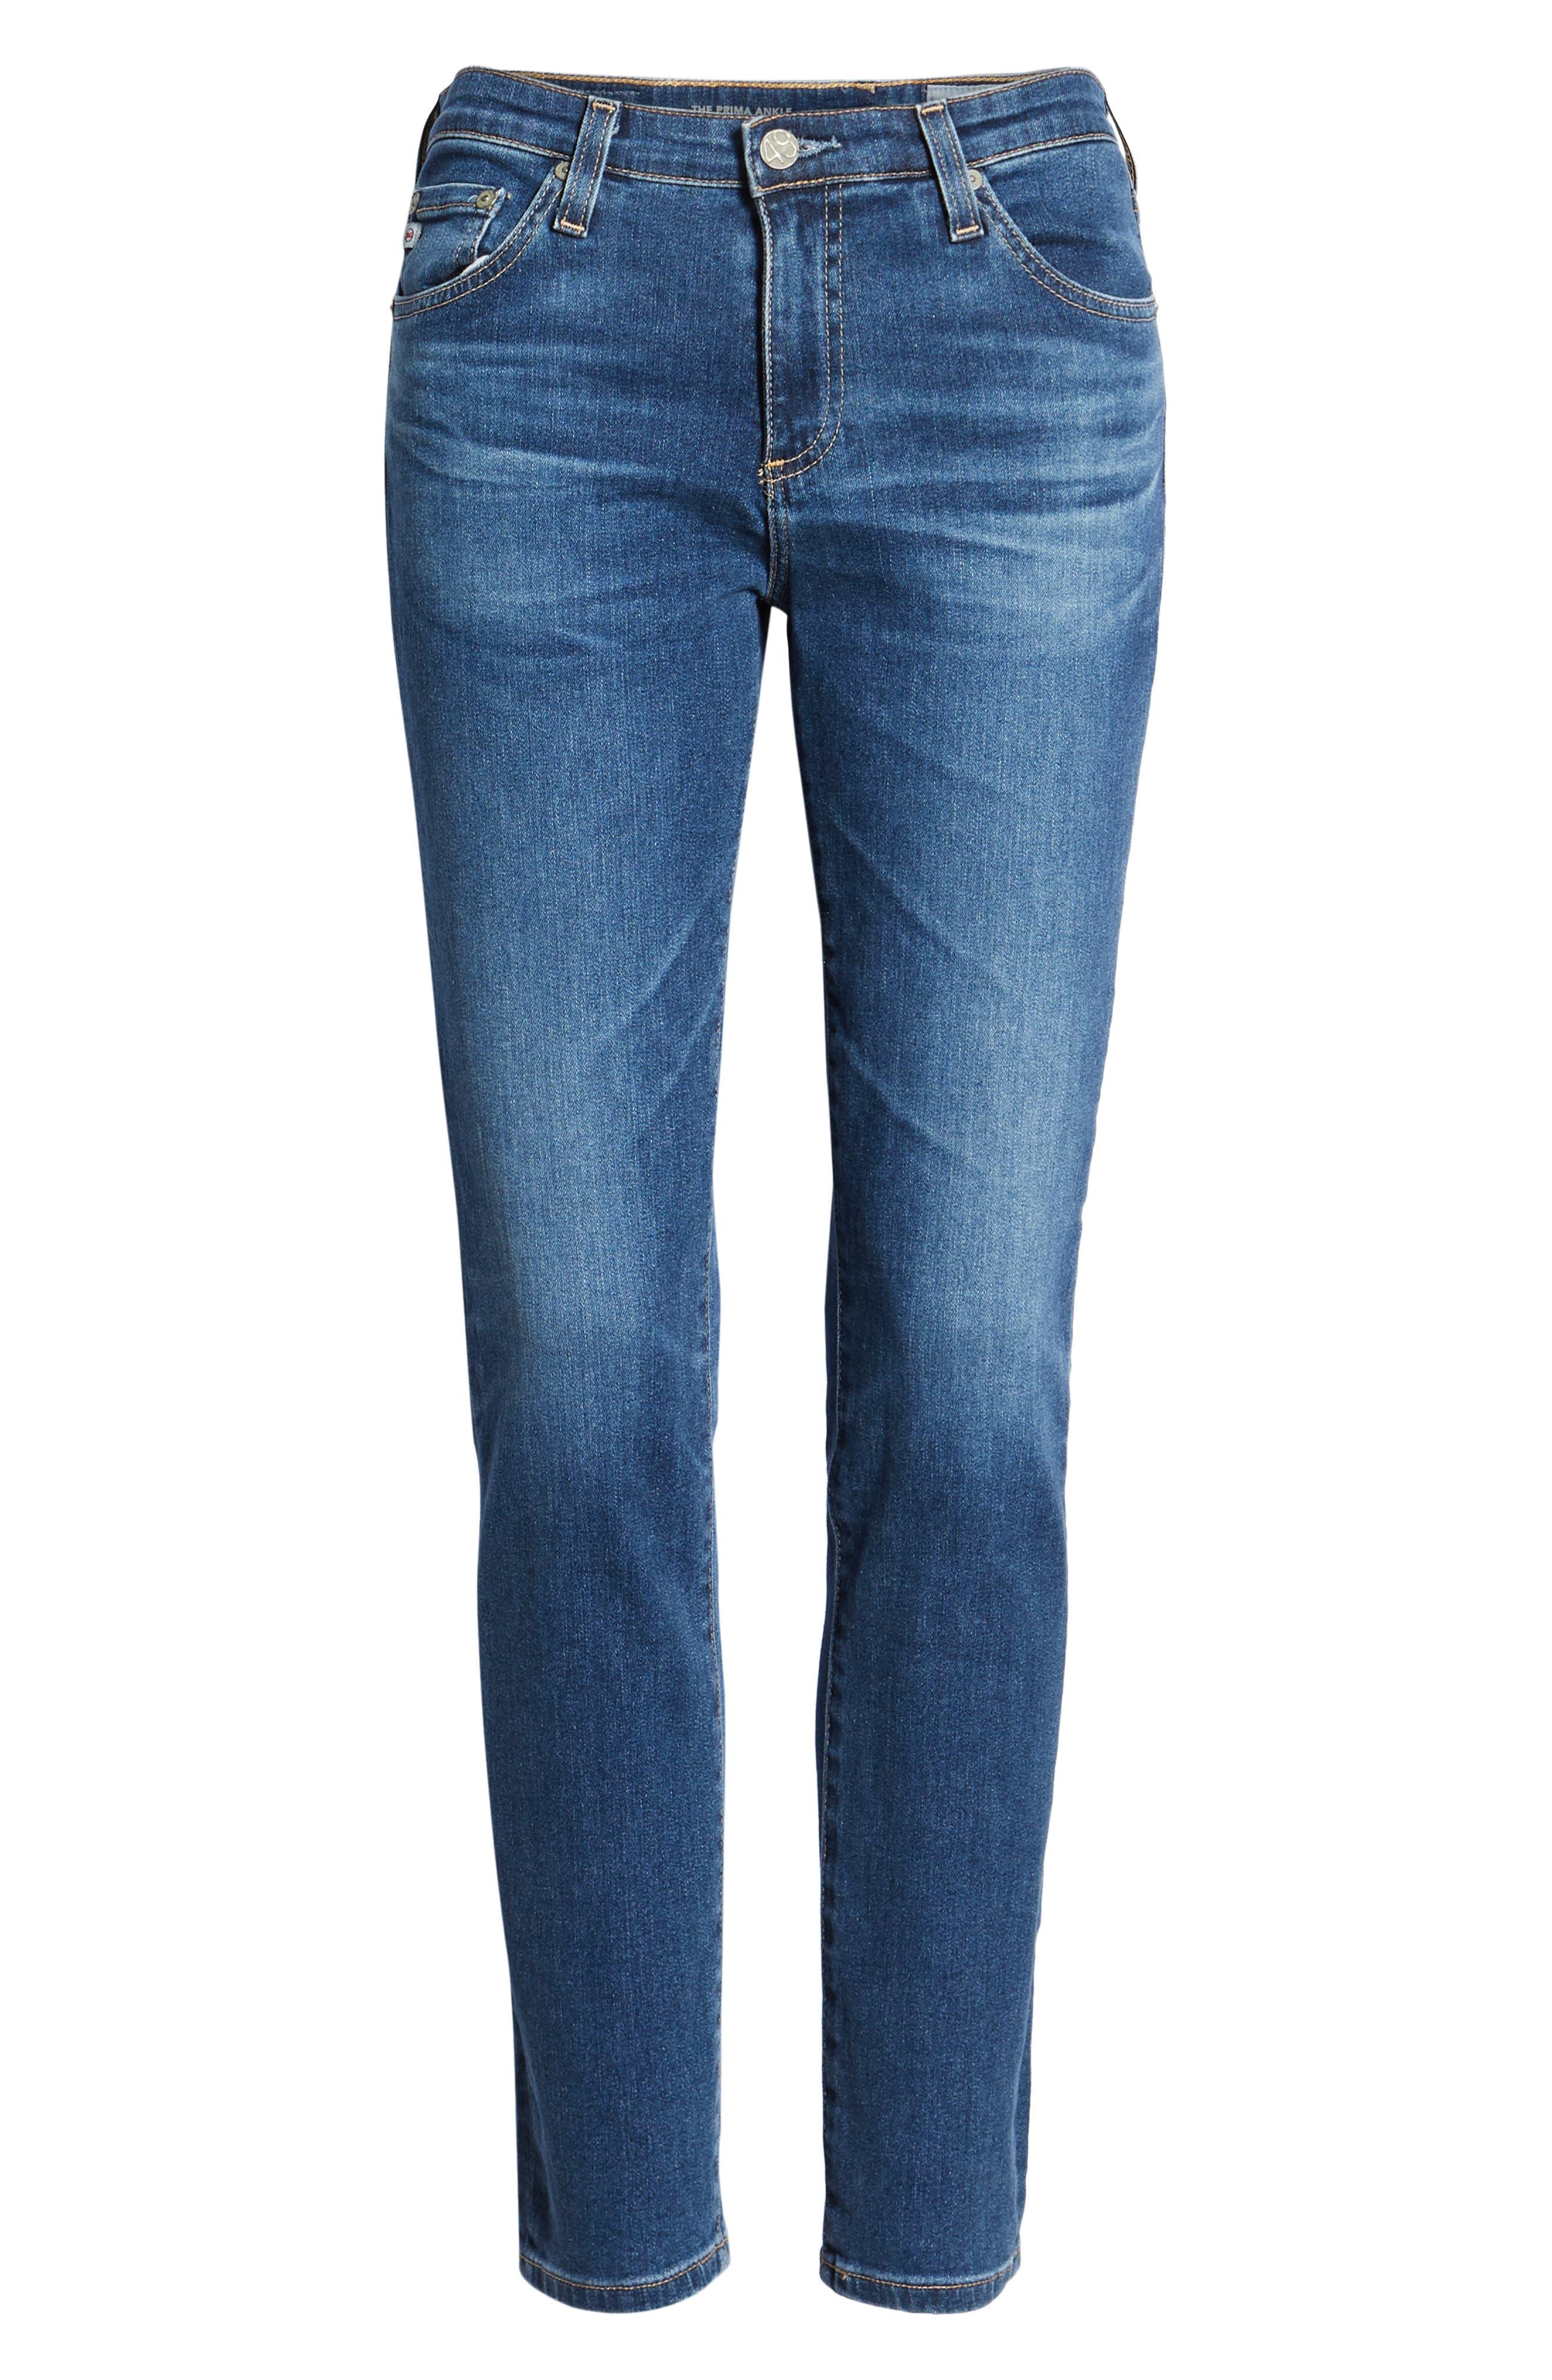 Prima Ankle Cigarette Jeans,                             Alternate thumbnail 7, color,                             8 YEARS BLUE PORTRAIT